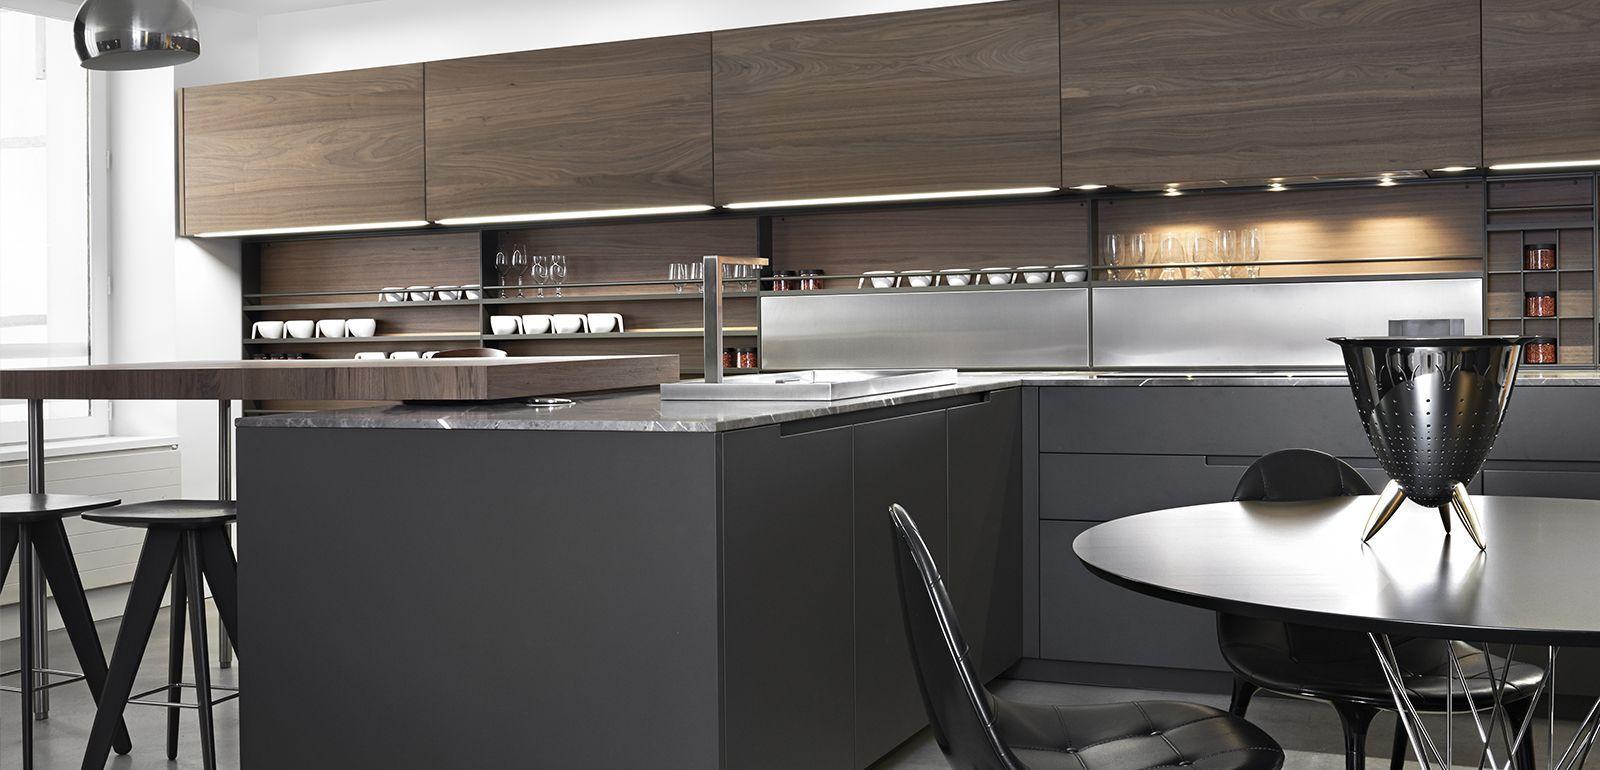 magasin de meuble design paris mobilier contemporain silvera. Black Bedroom Furniture Sets. Home Design Ideas